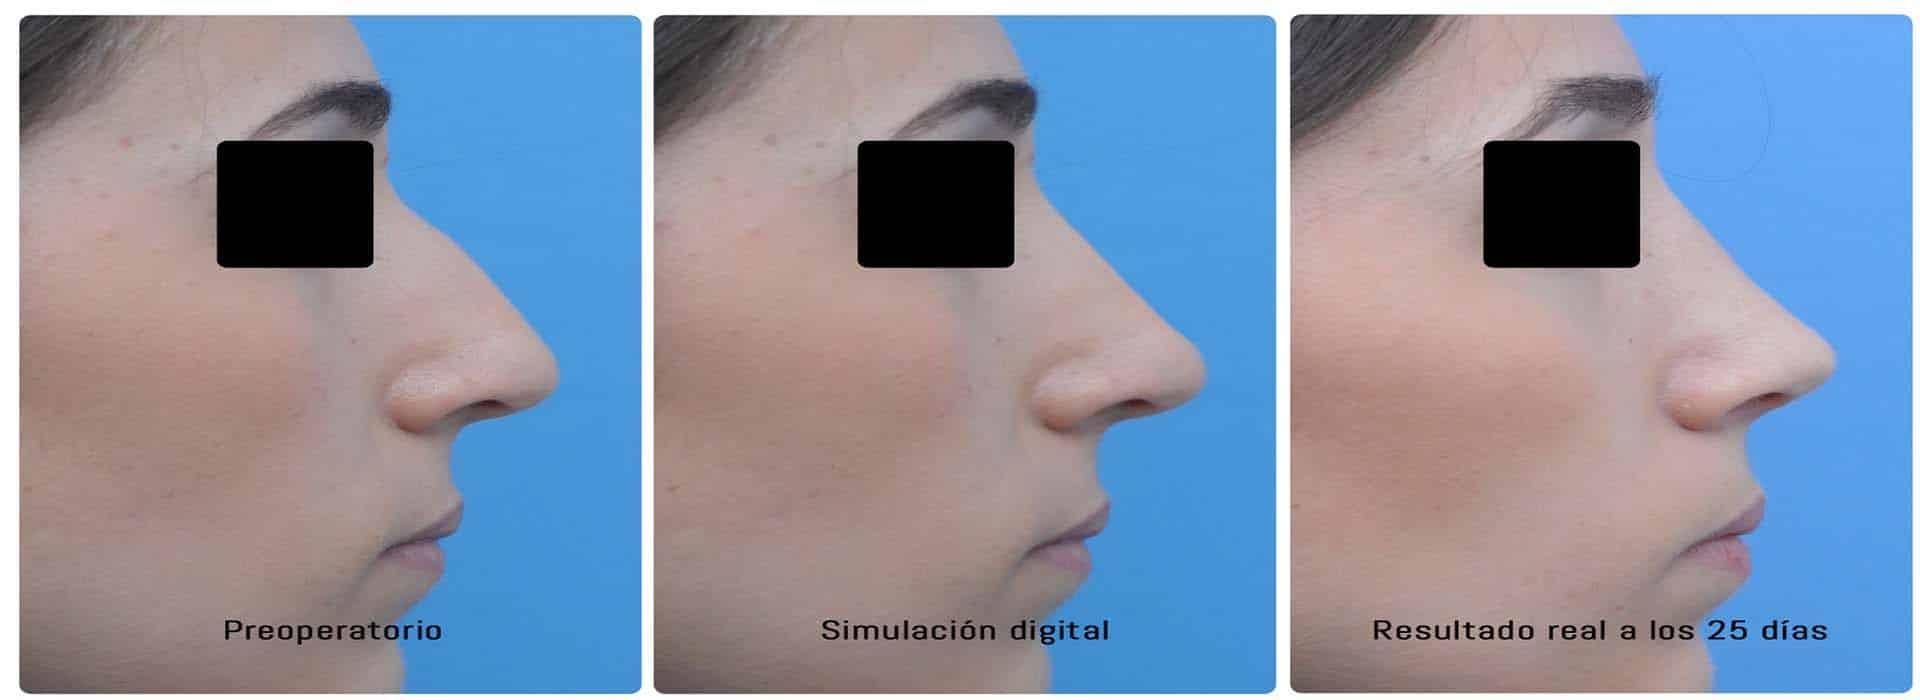 Rinoplastia: Todo lo que debes saber antes de operarte la nariz